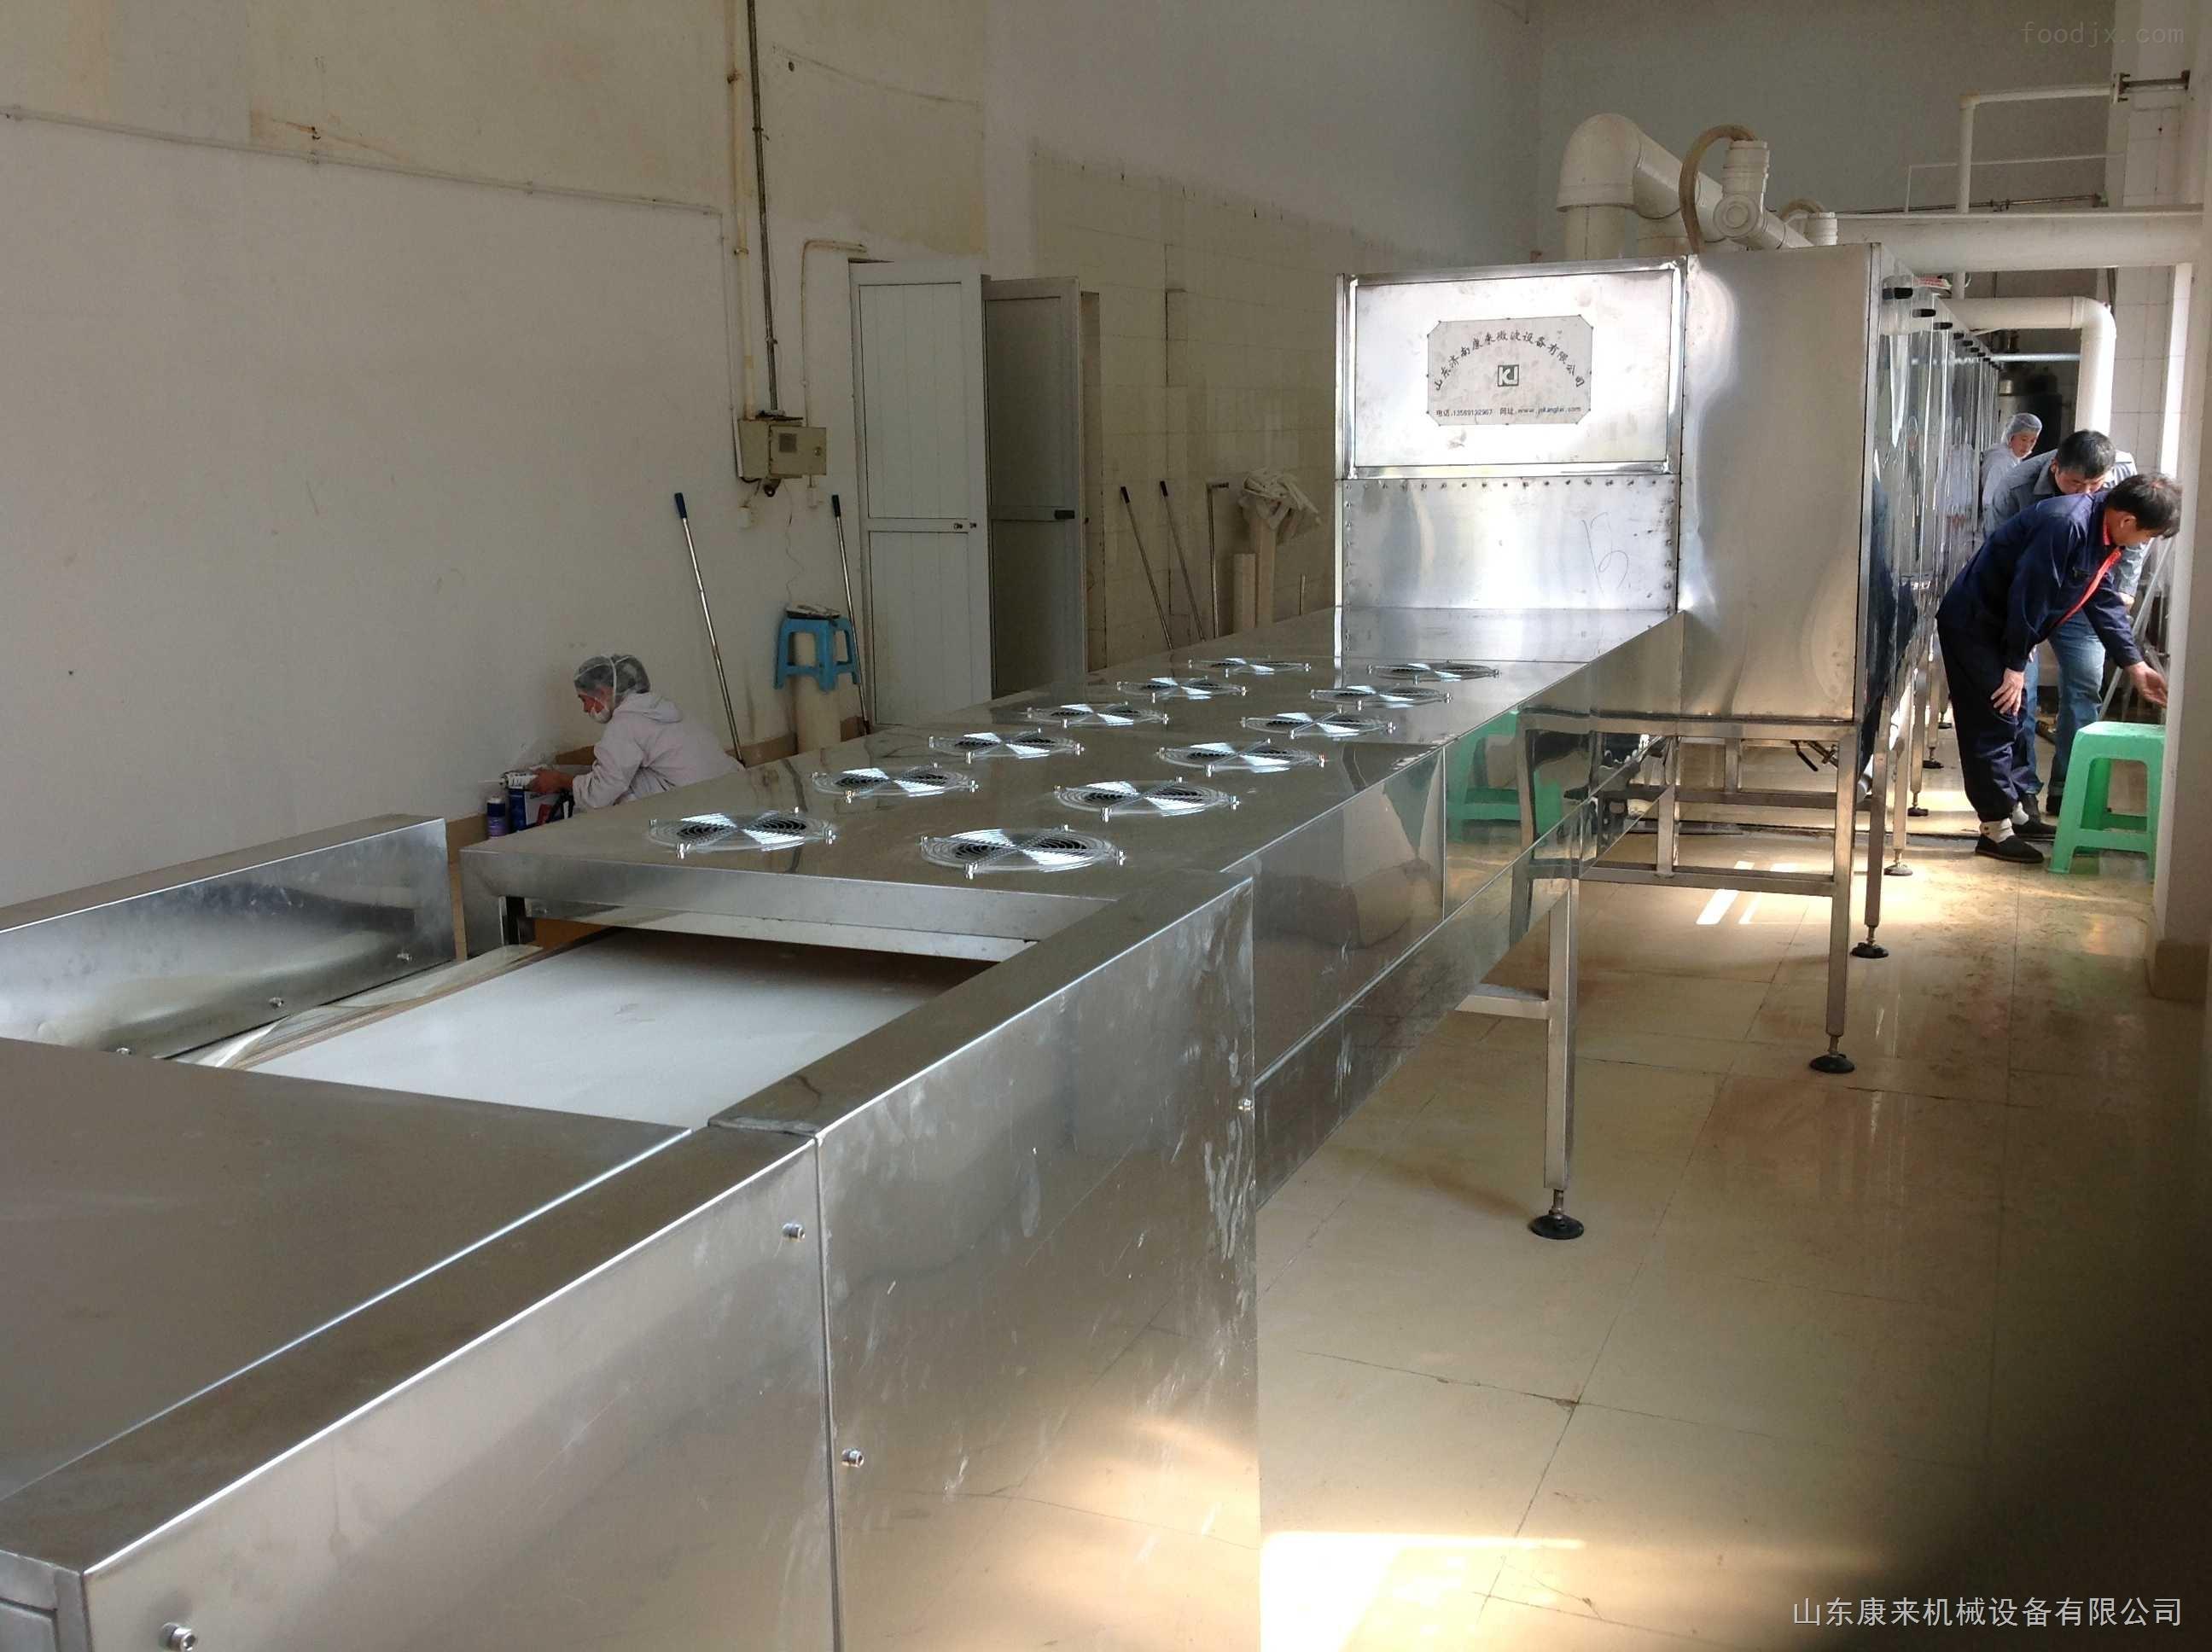 鸡精烘干隧道炉,新型鸡精隧道生产线设备